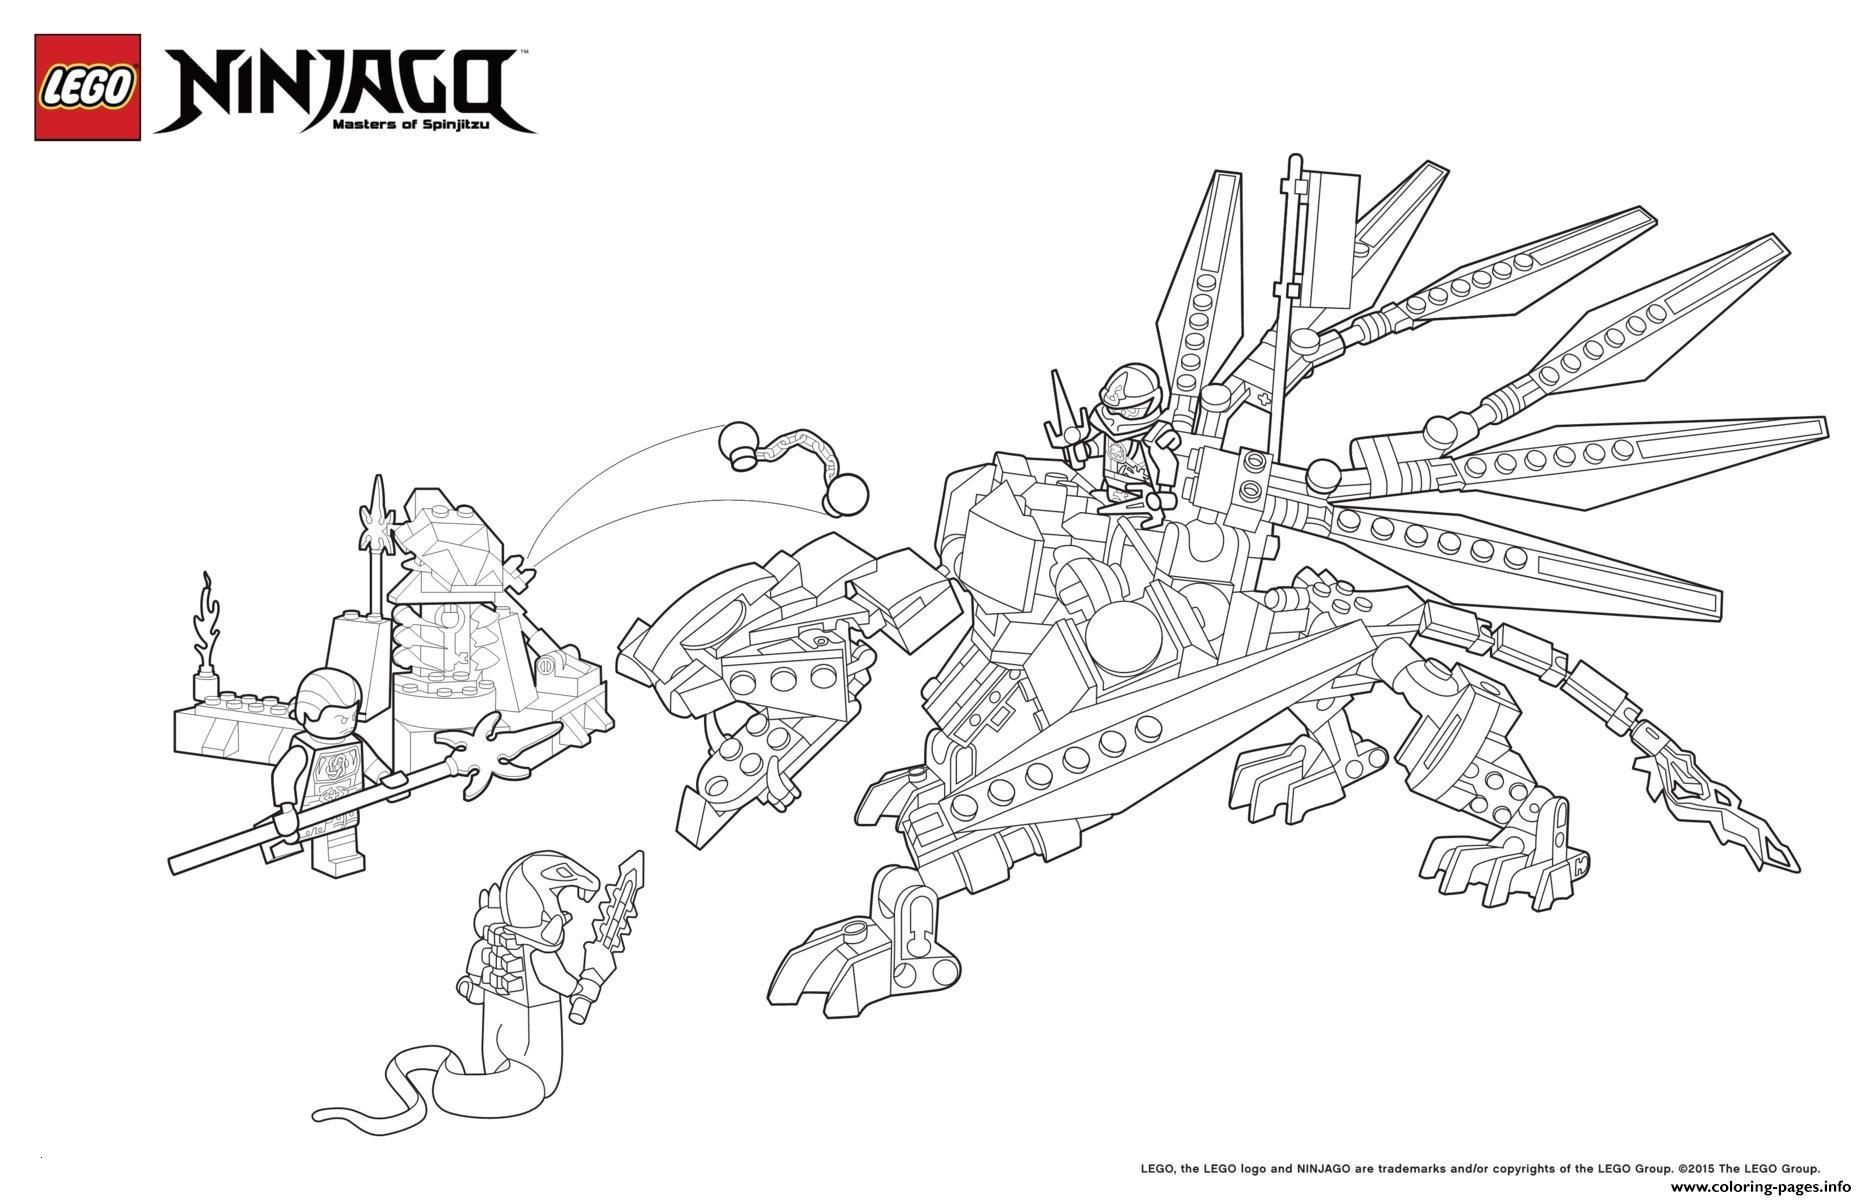 Ninjago Ausmalbilder Lego Das Beste Von 32 Ausmalbilder Ninjago Zane forstergallery Das Bild